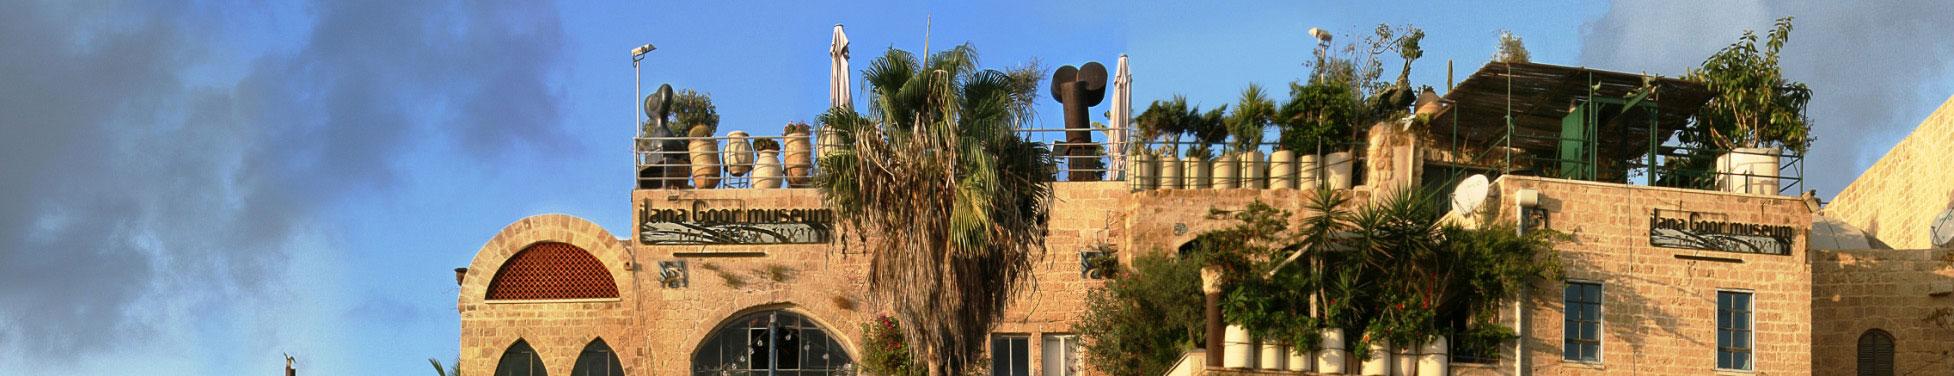 Ilana Gur Museum (C) GoIsrael